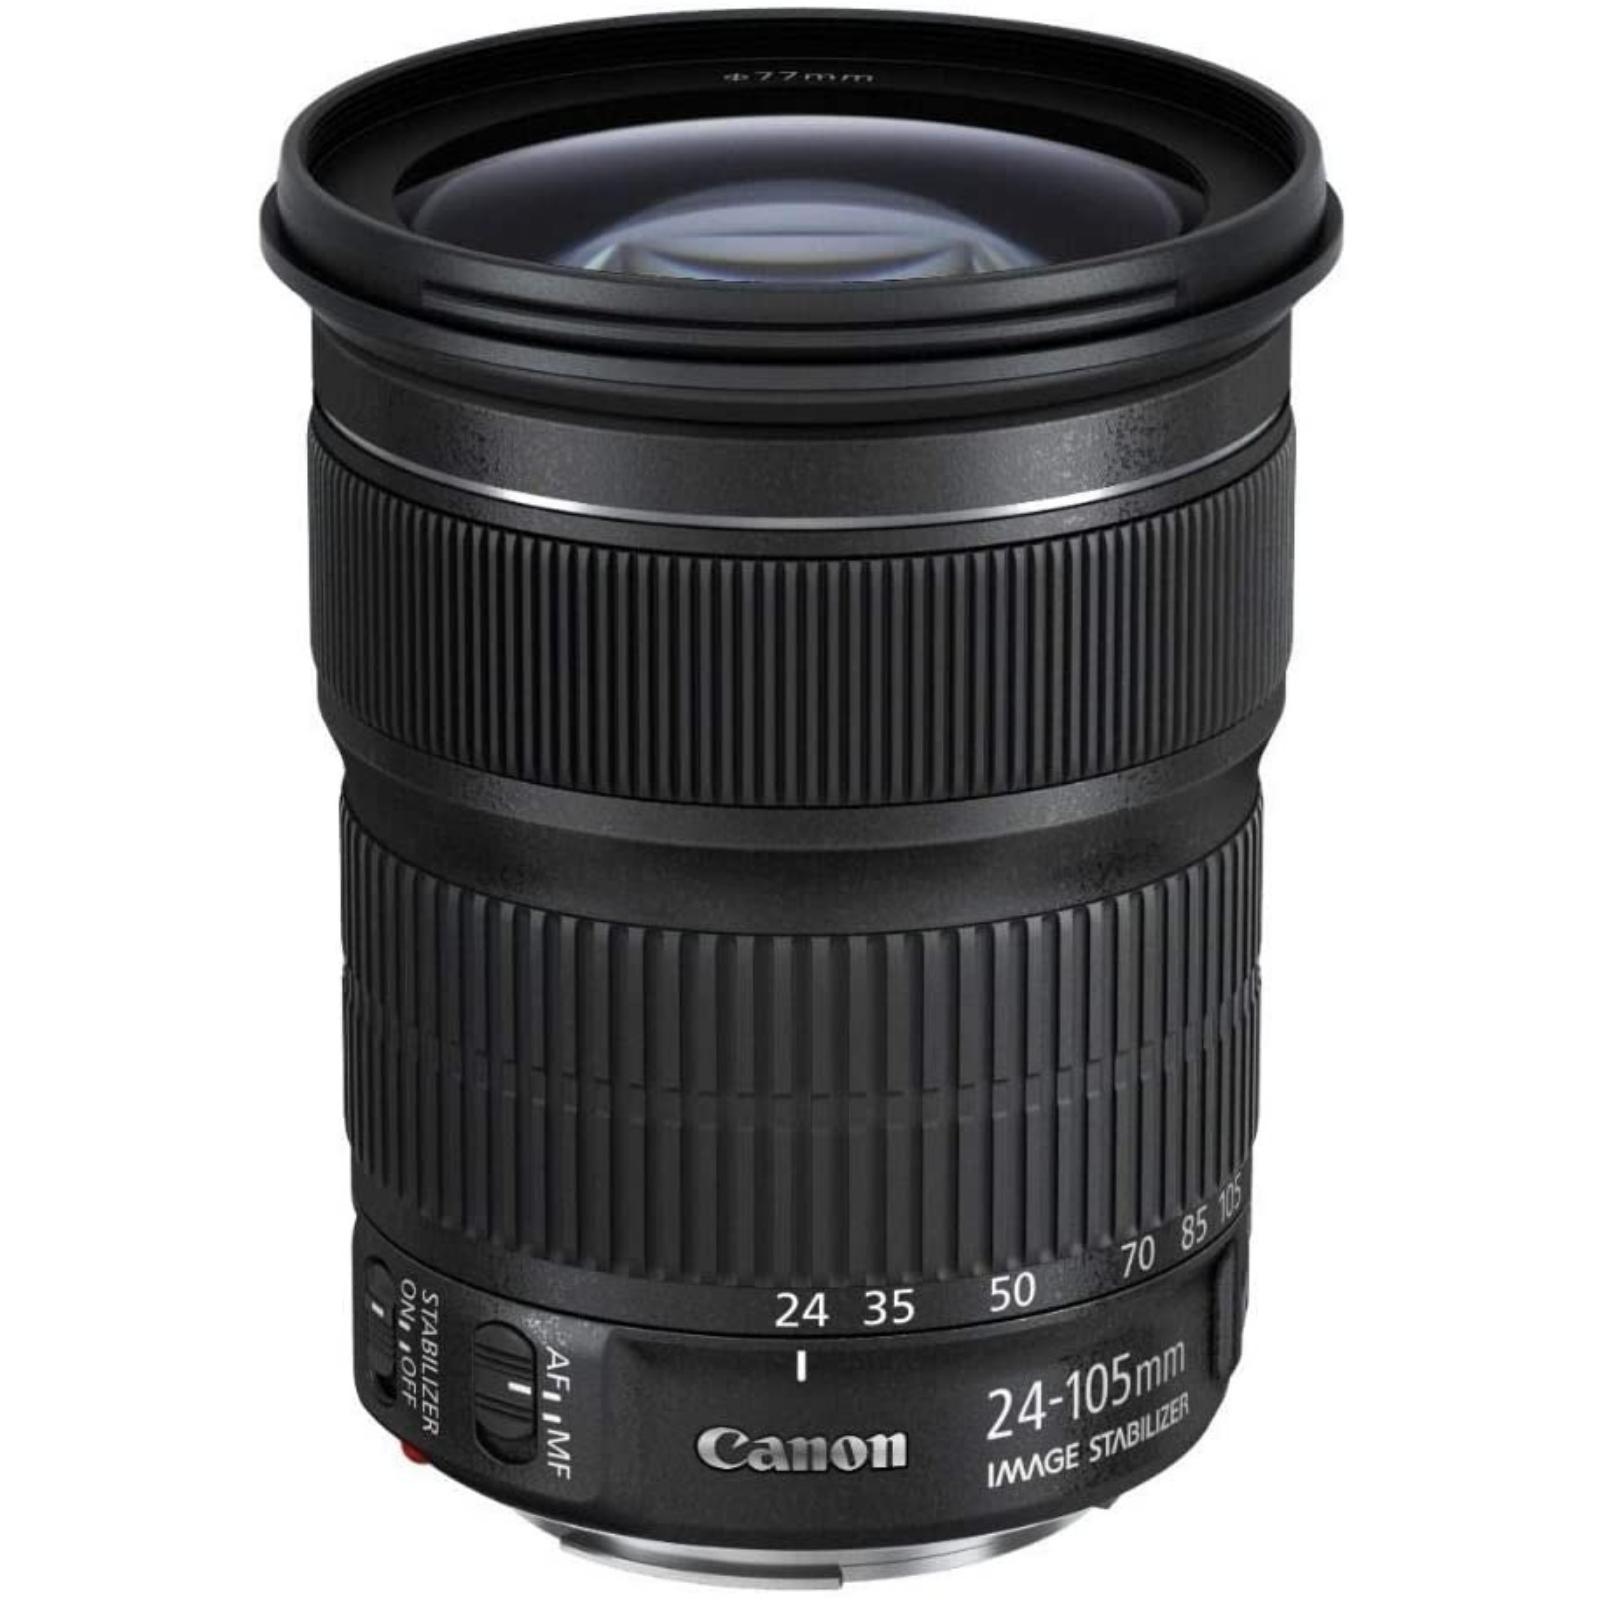 Canon キヤノン 標準ズームレンズ EF24-105mm F3.5-.5.6 IS STM ブラック 新品